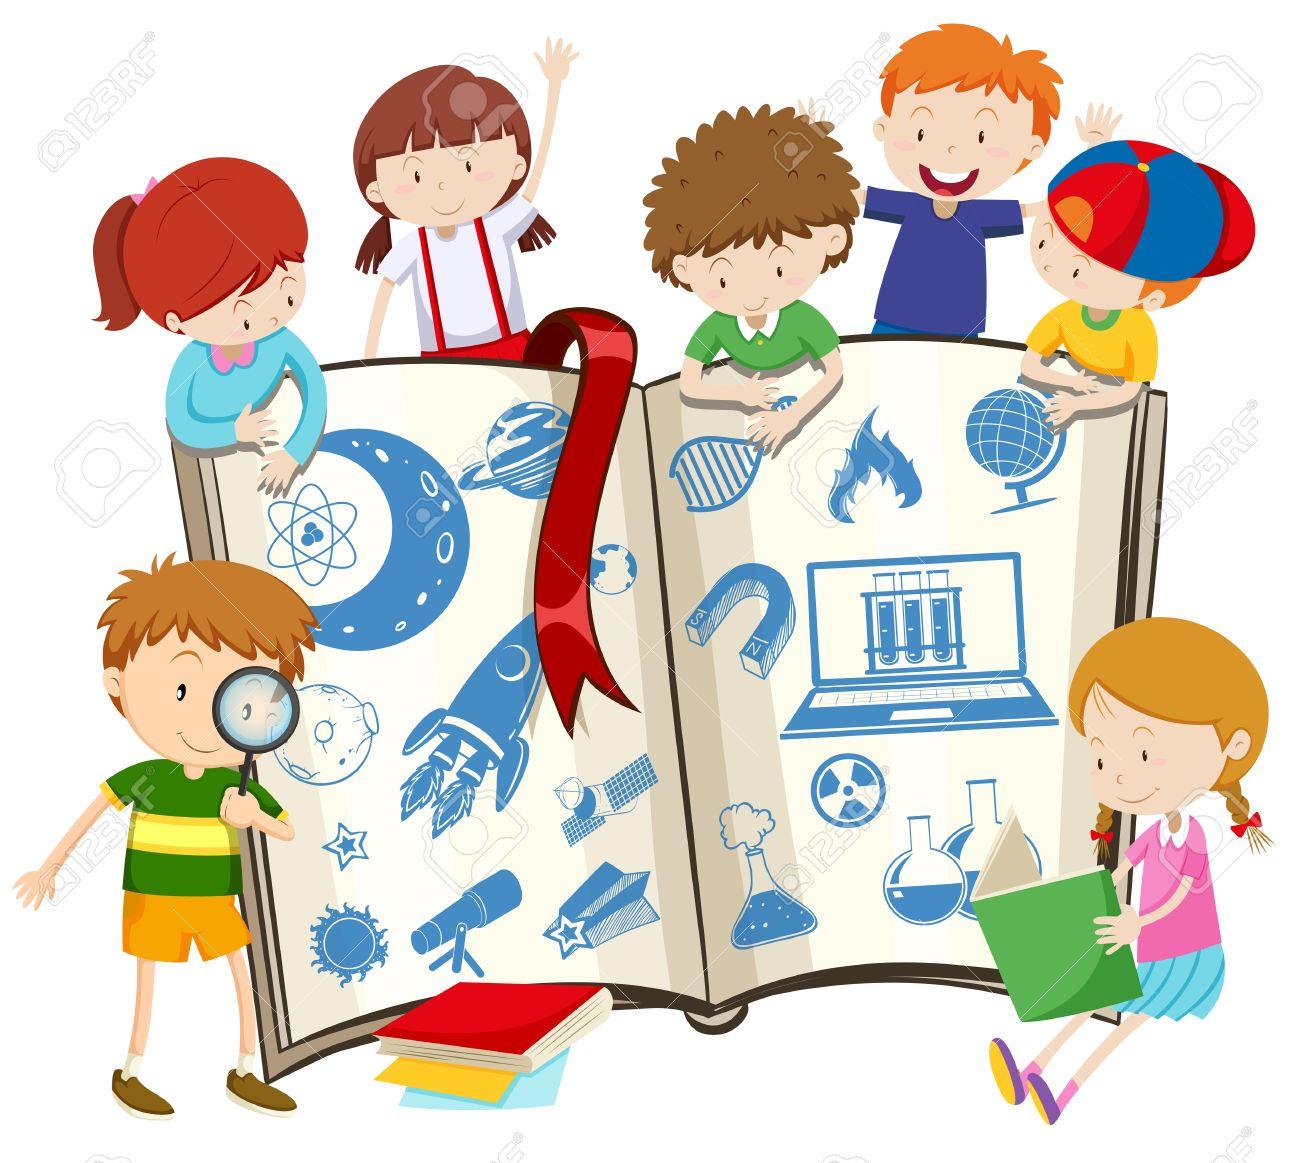 科学の本と子どものイラスト ロイヤリティフリークリップアート